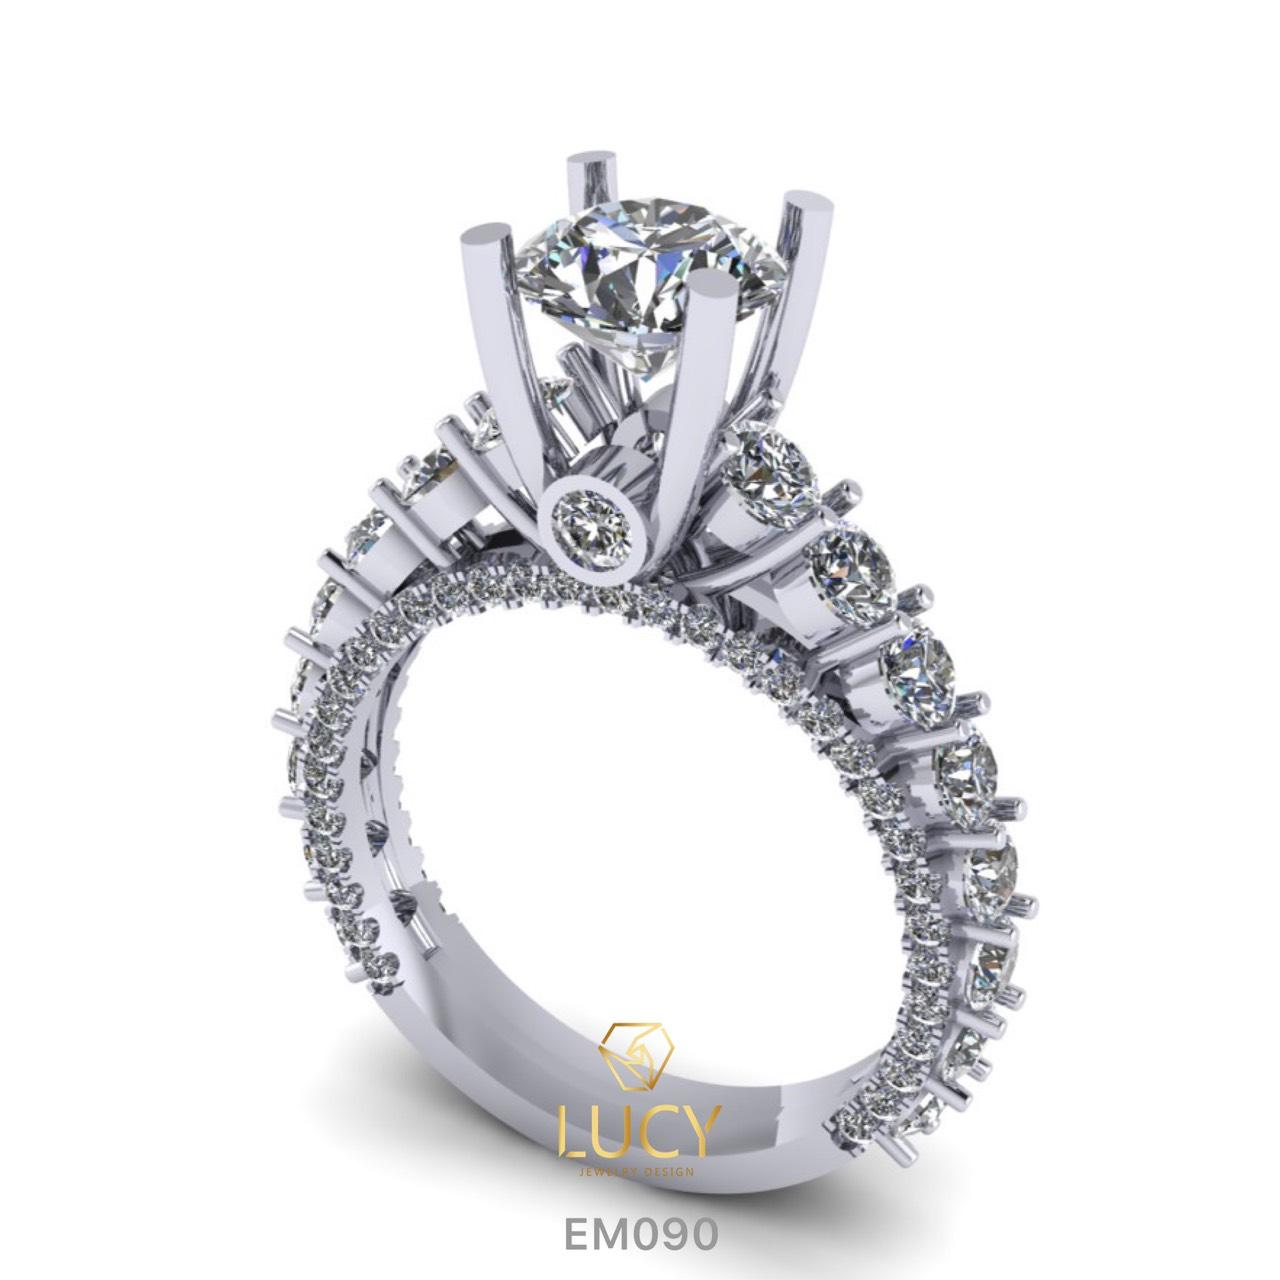 EM090 Nhẫn cầu hôn, nhẫn đính hôn, nhẫn kim cương 6.3mm 6.5mm, nhẫn nữ thiết kế đẹp - Lucy Jewelry